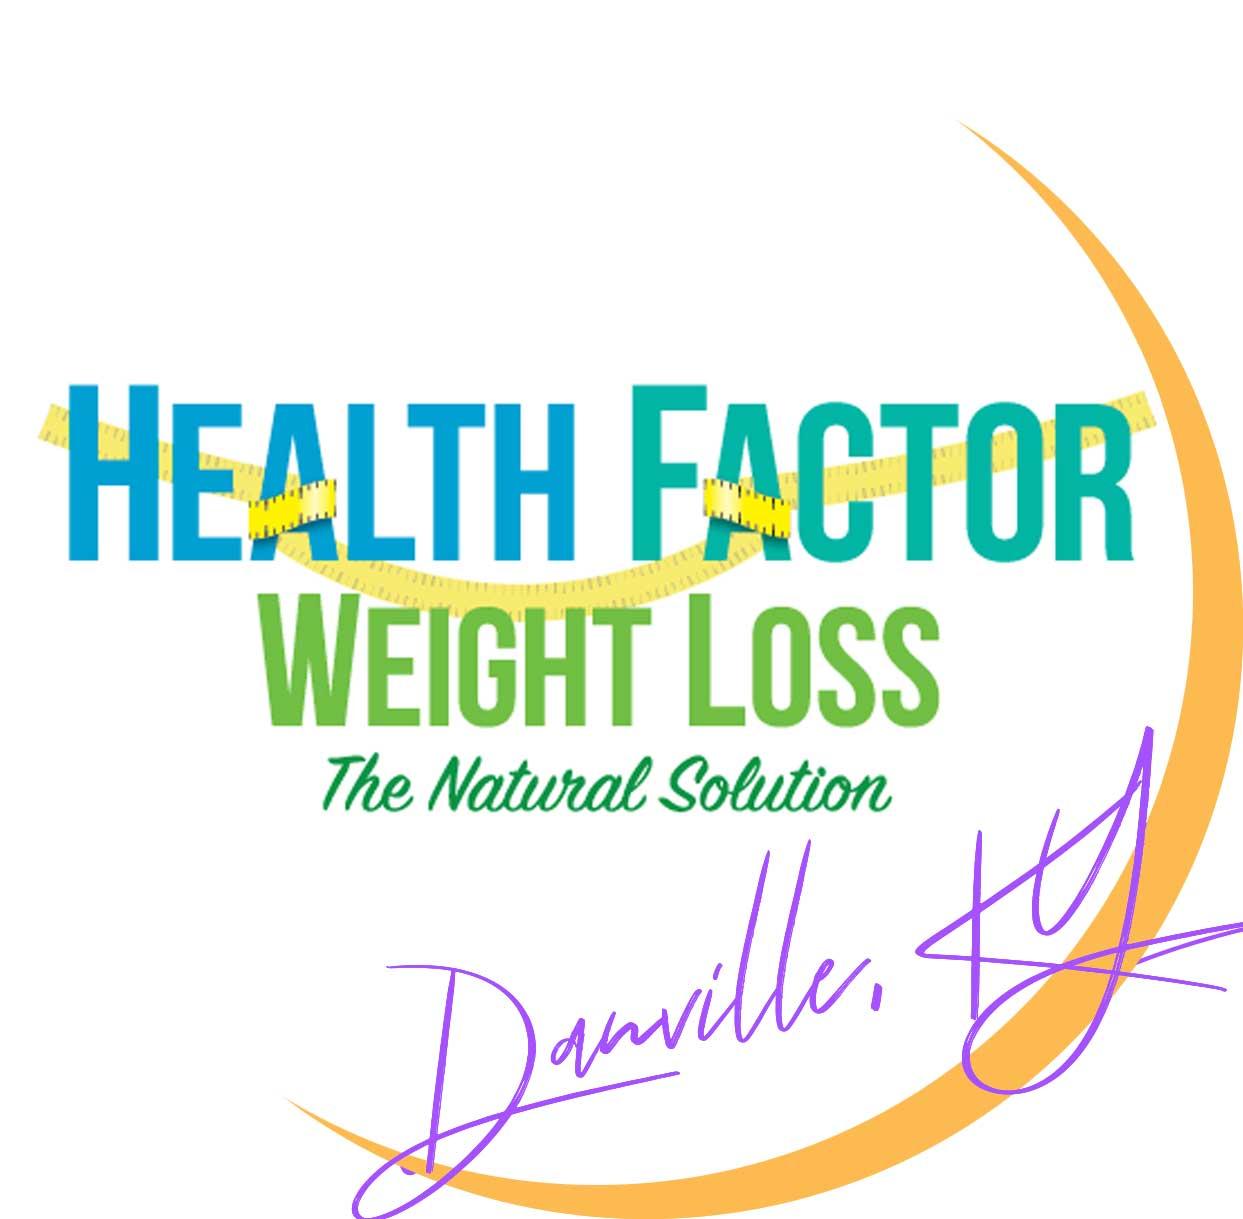 danville weight loss - danville Kentucky weight loss center